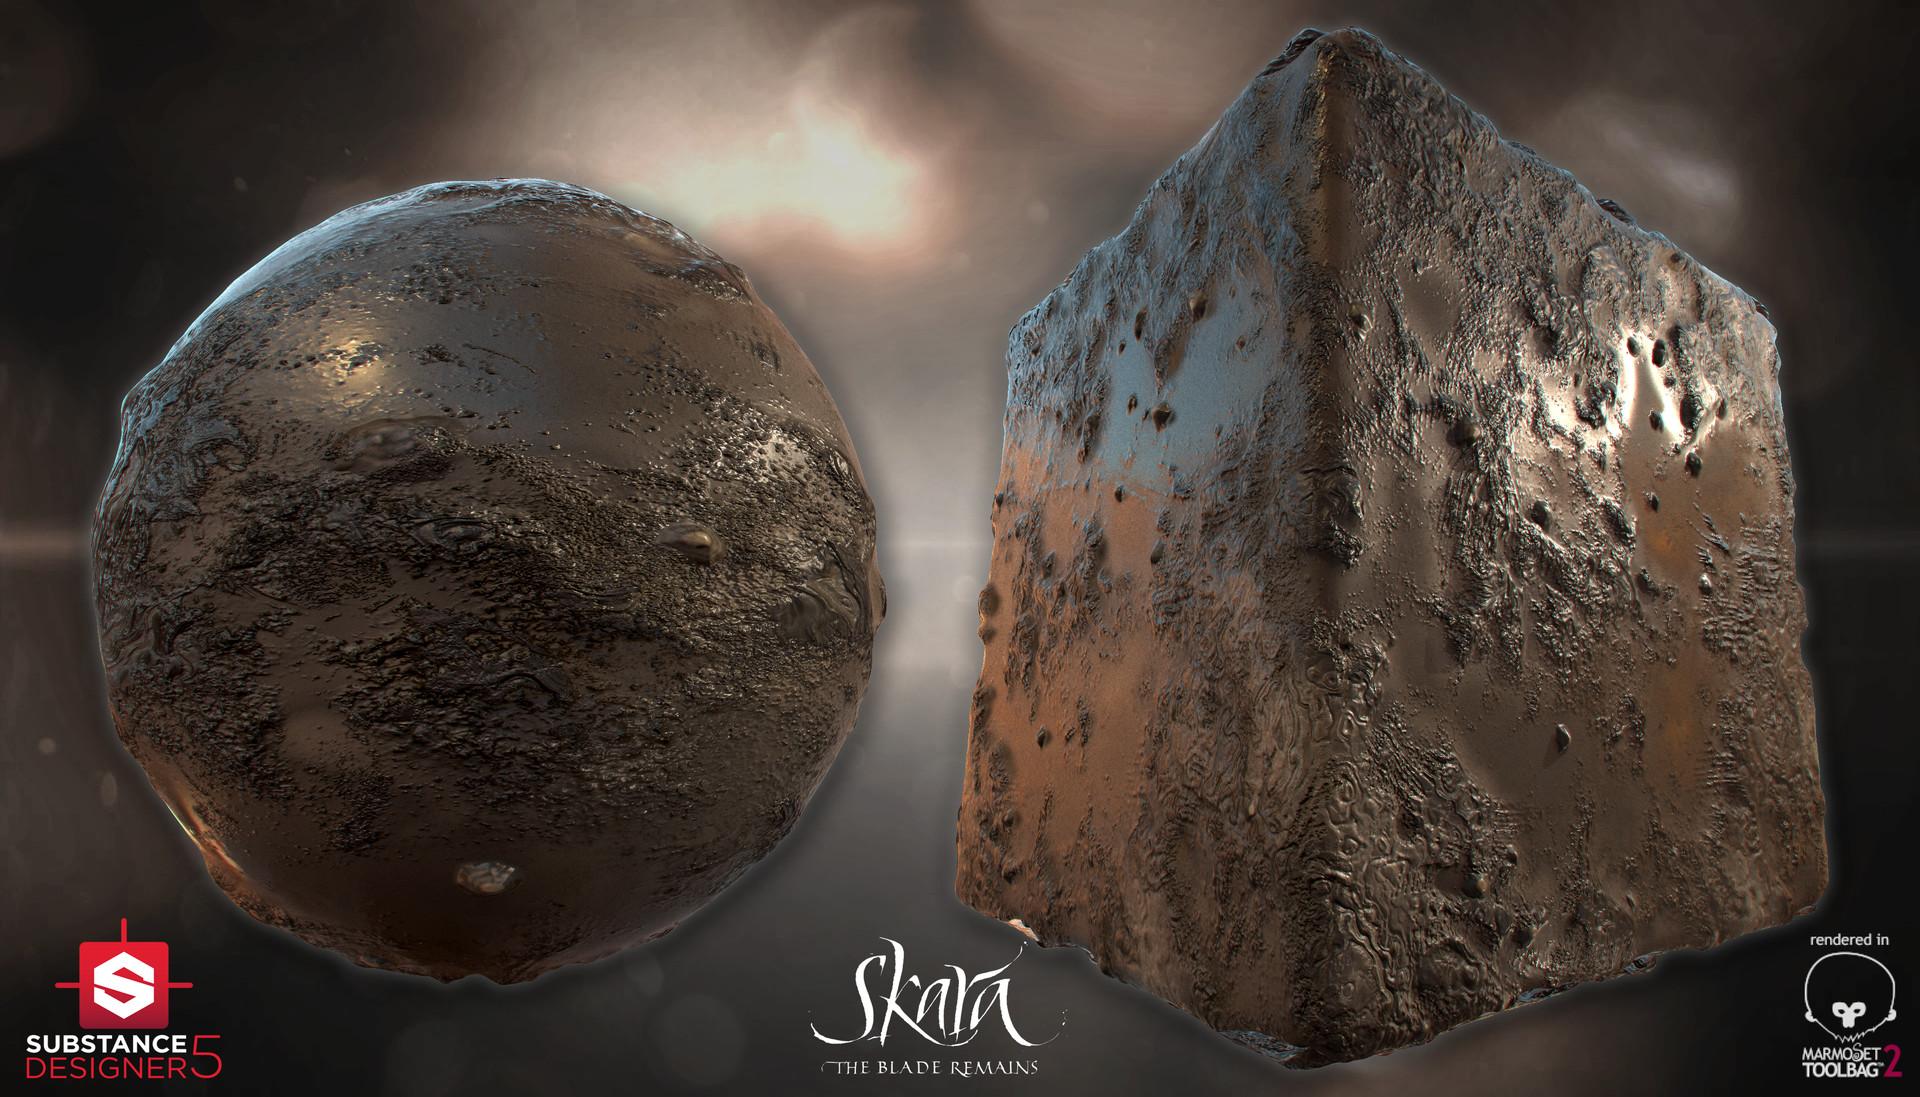 ArtStation - Mud Material - Skara: The Blade Remains, Álvaro Carreras